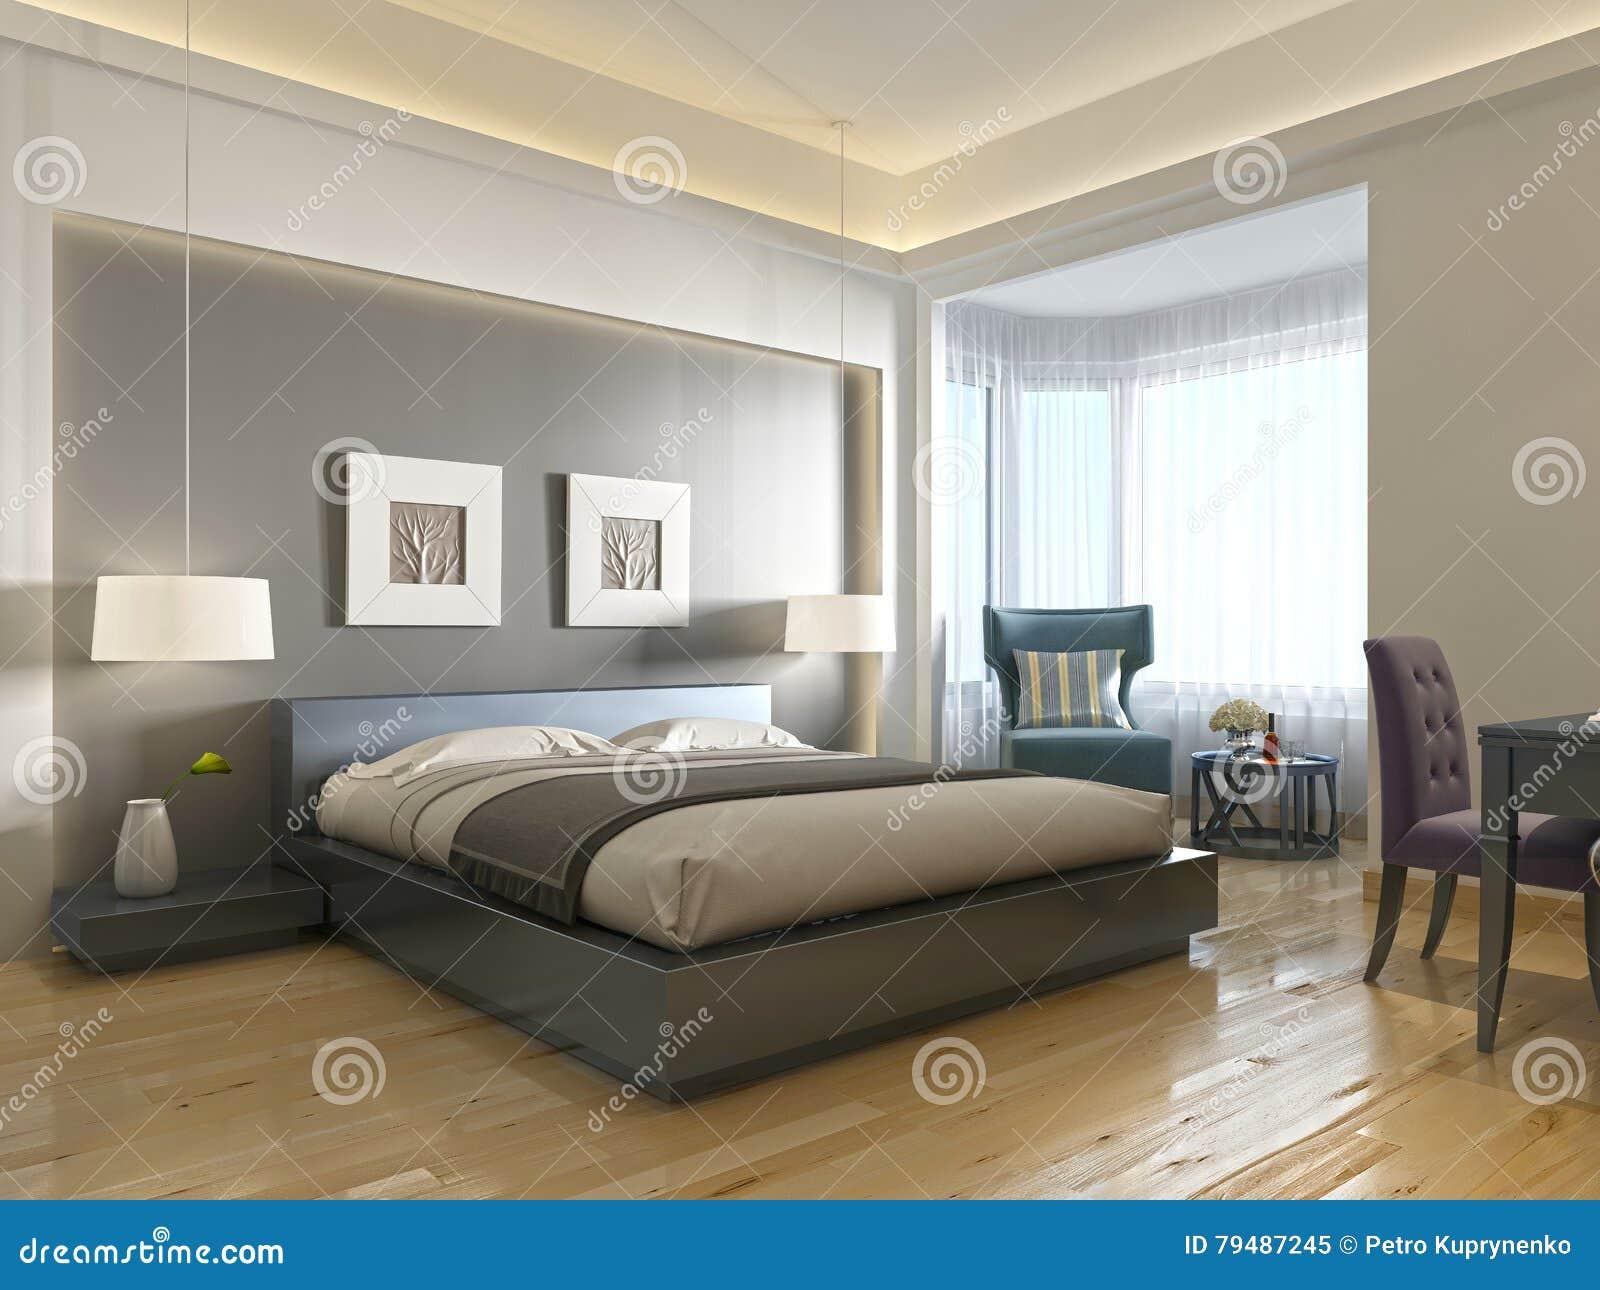 Estilo contemporâneo moderno de sala de hotel com elementos do art deco